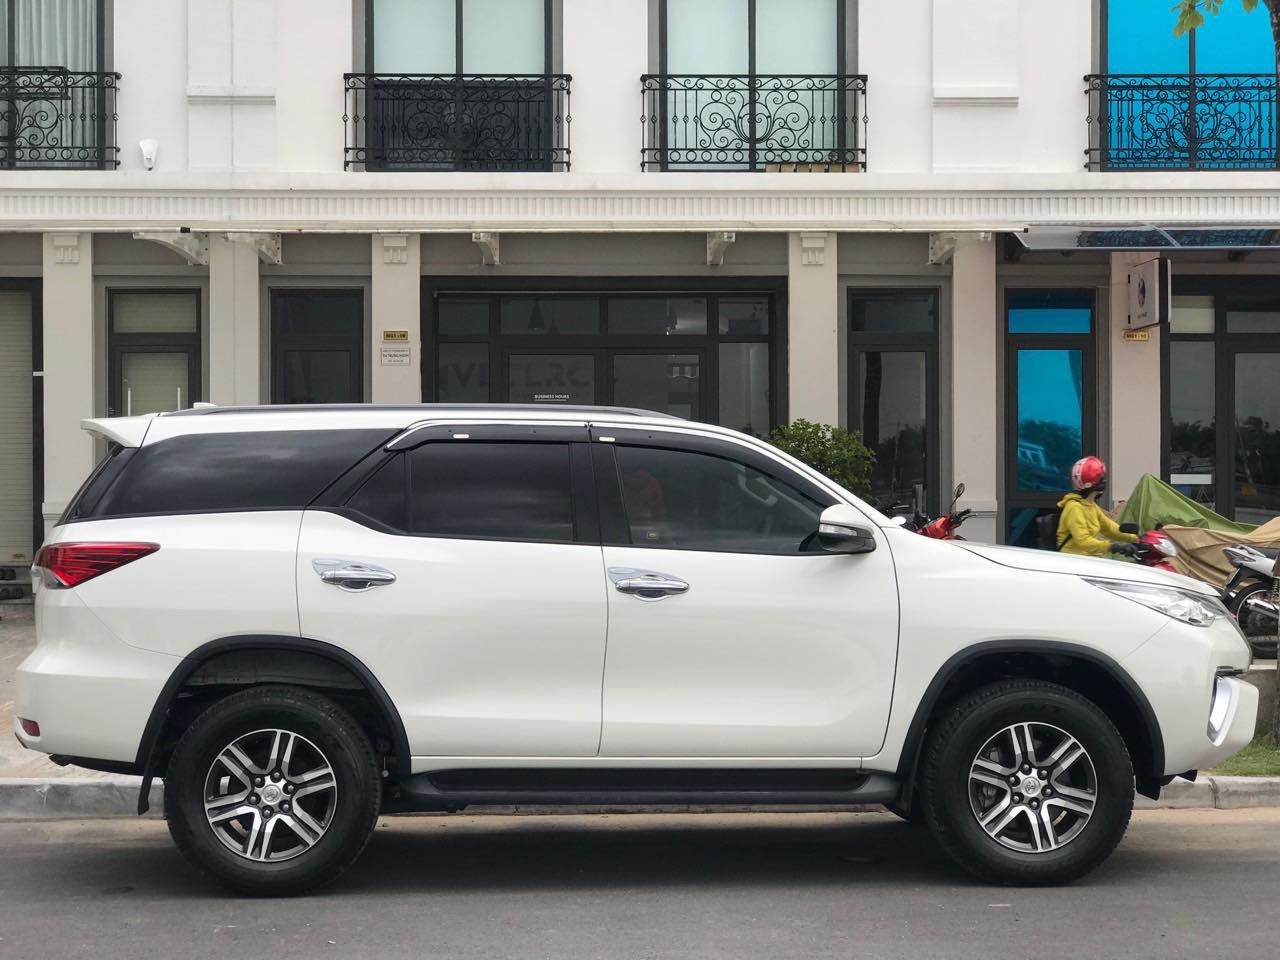 Cho thuê xe 7 chỗ tại Đồng Tháp giá rẻ